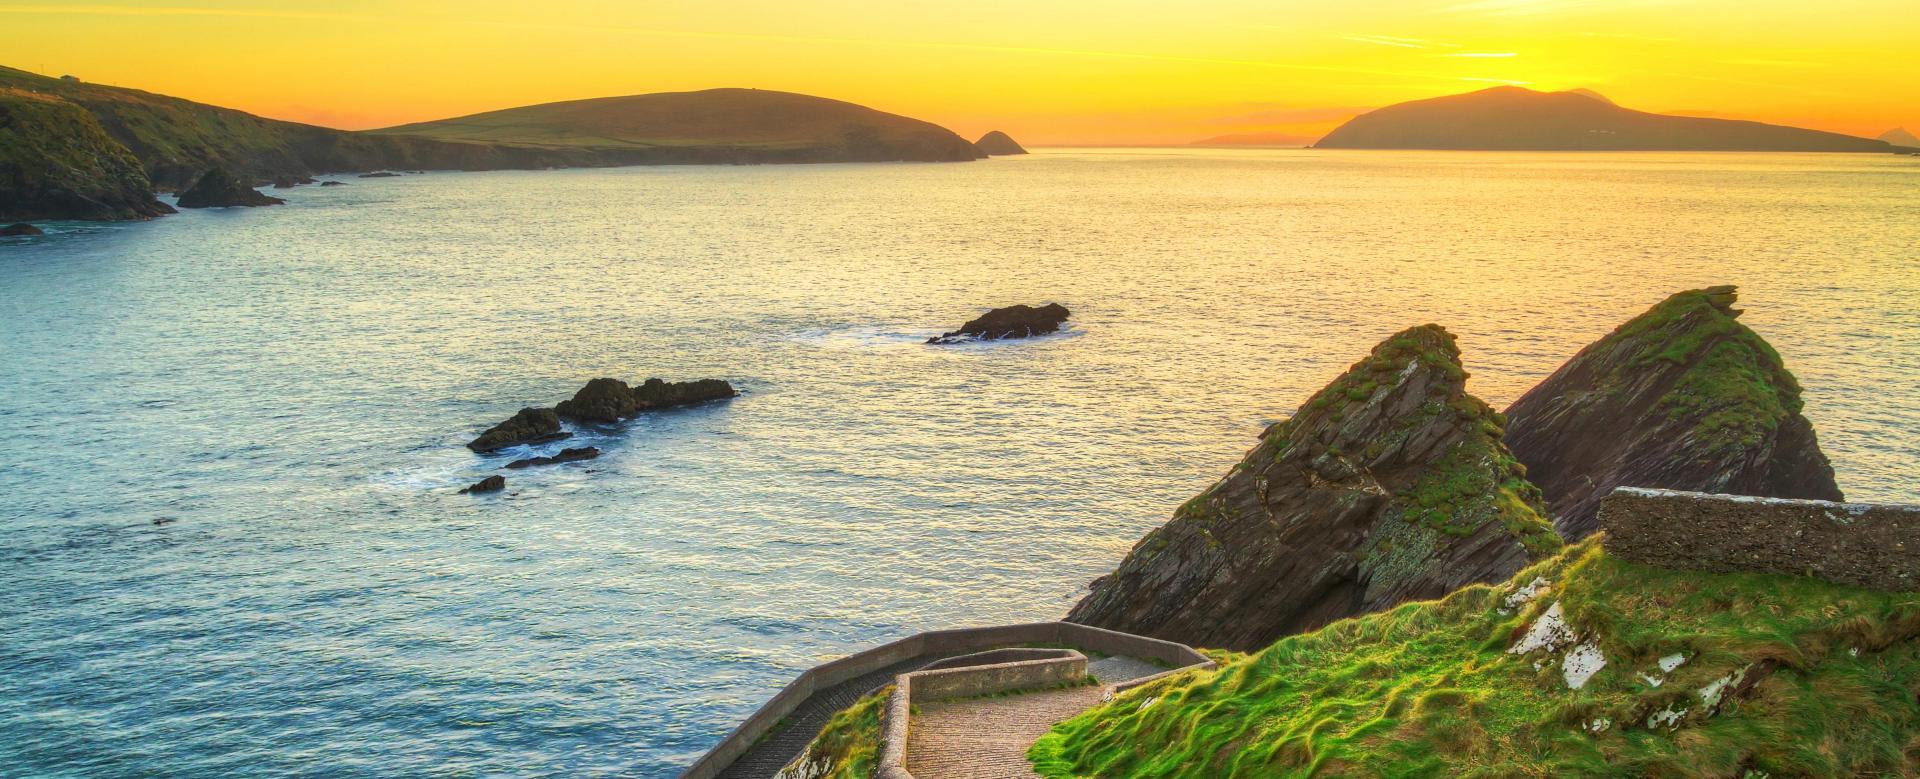 Voyage à pied : Le grand tour de l'irlande